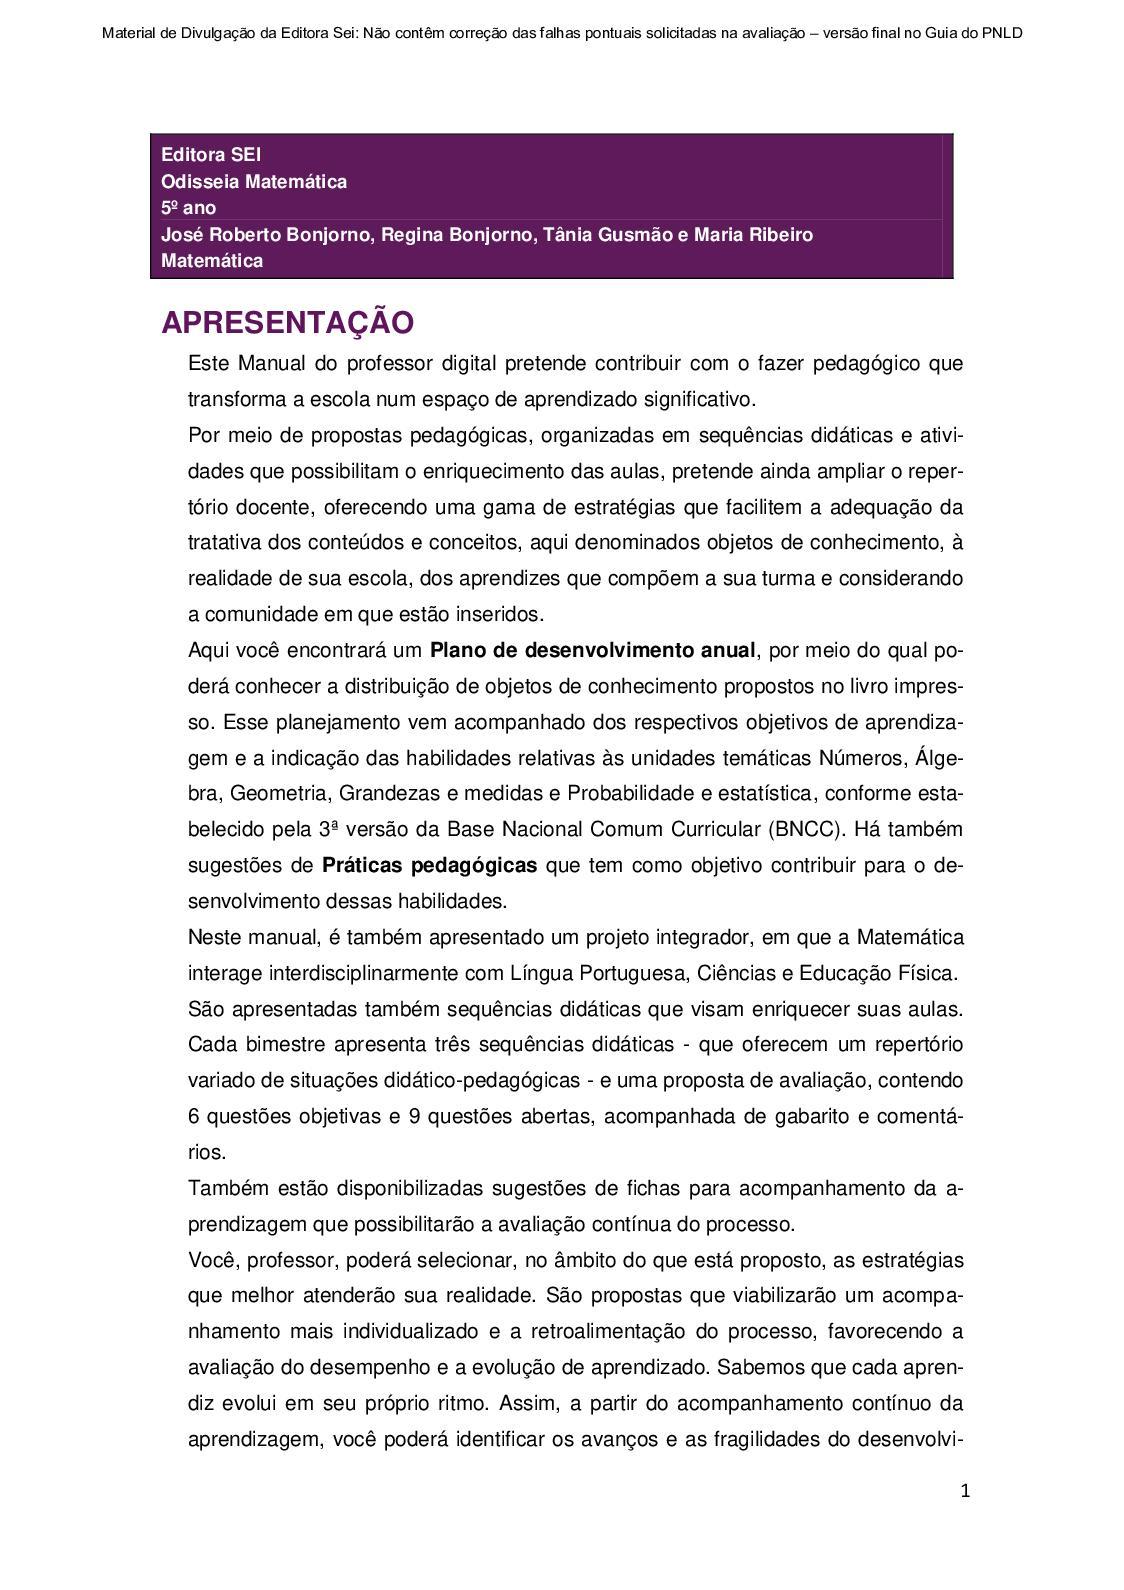 Calaméo - Material Digital  Odisseia - Matemática 5º ano dc17665b08f30